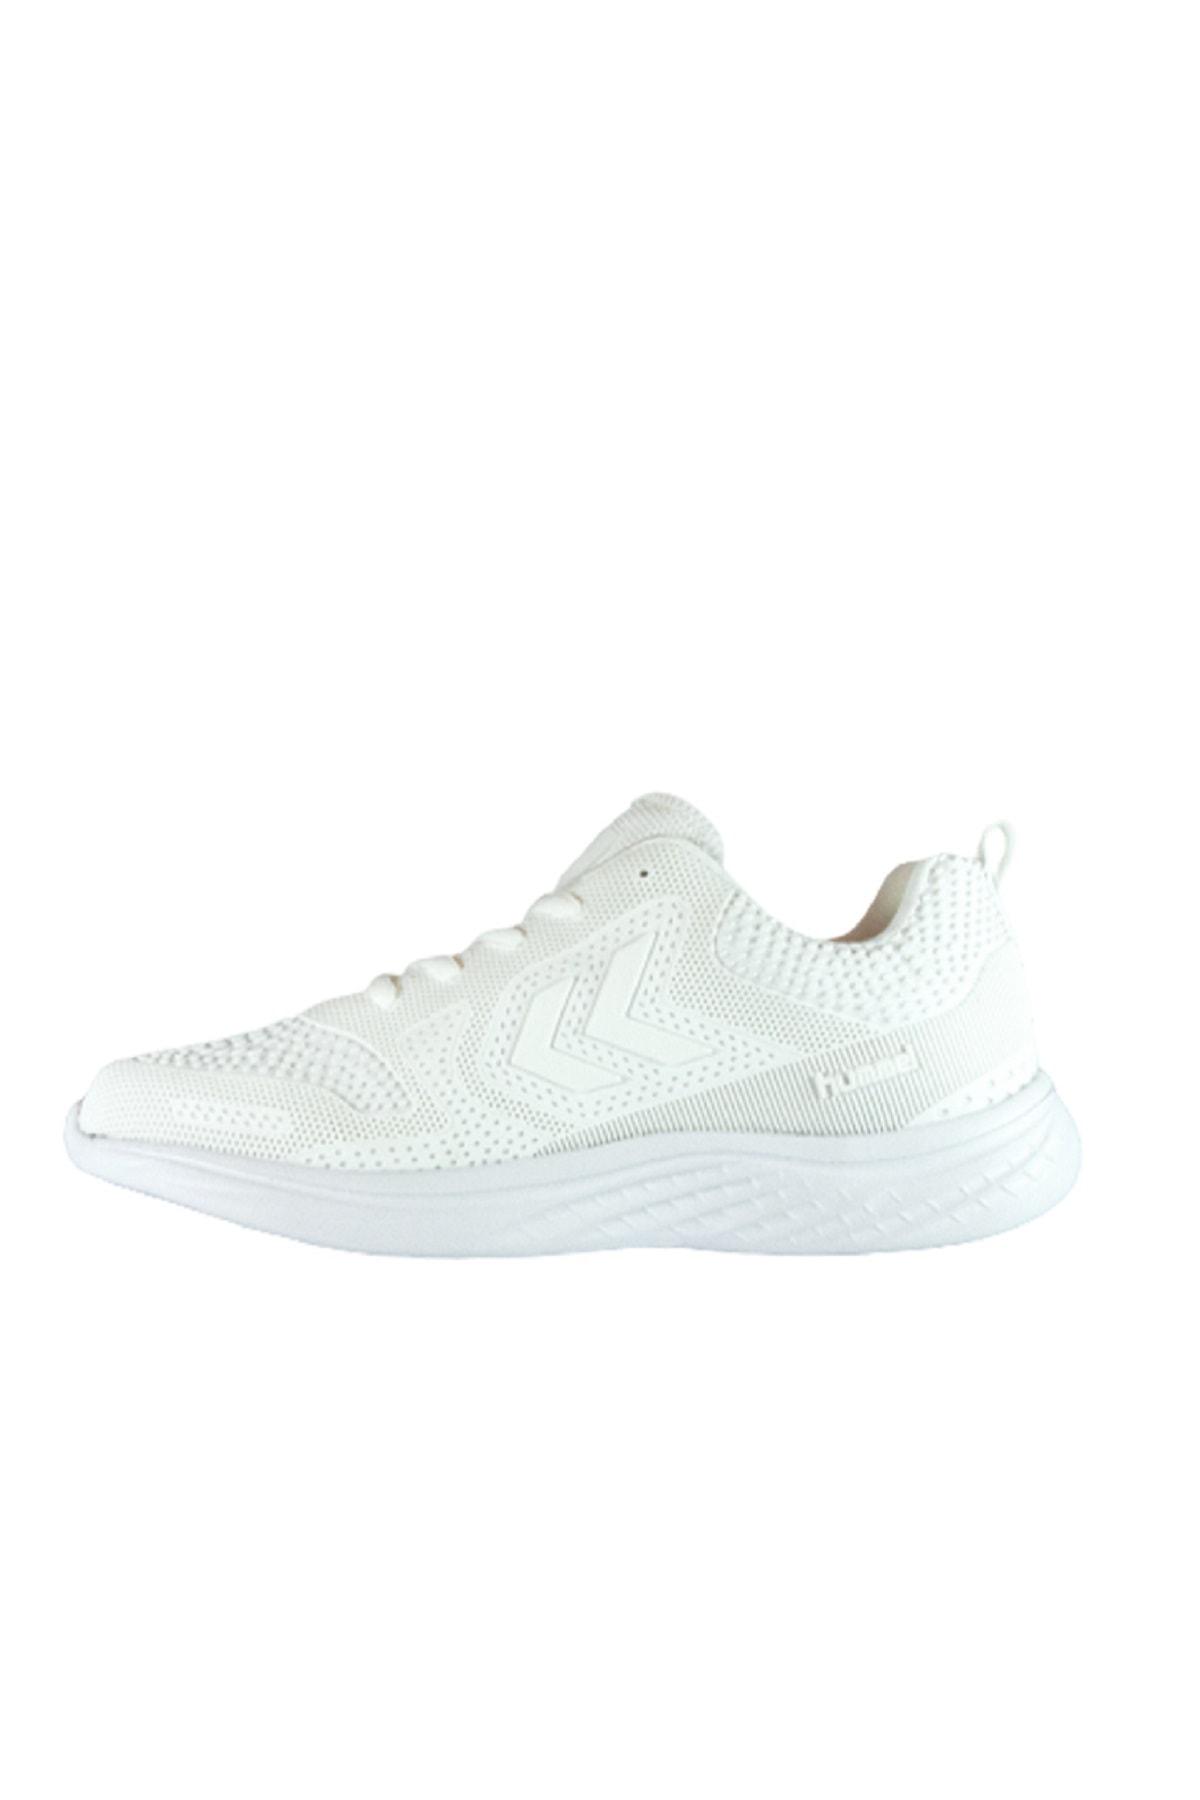 HUMMEL HMLFLOW Kadın-Erkek Ayakkabı 206757-9001 2